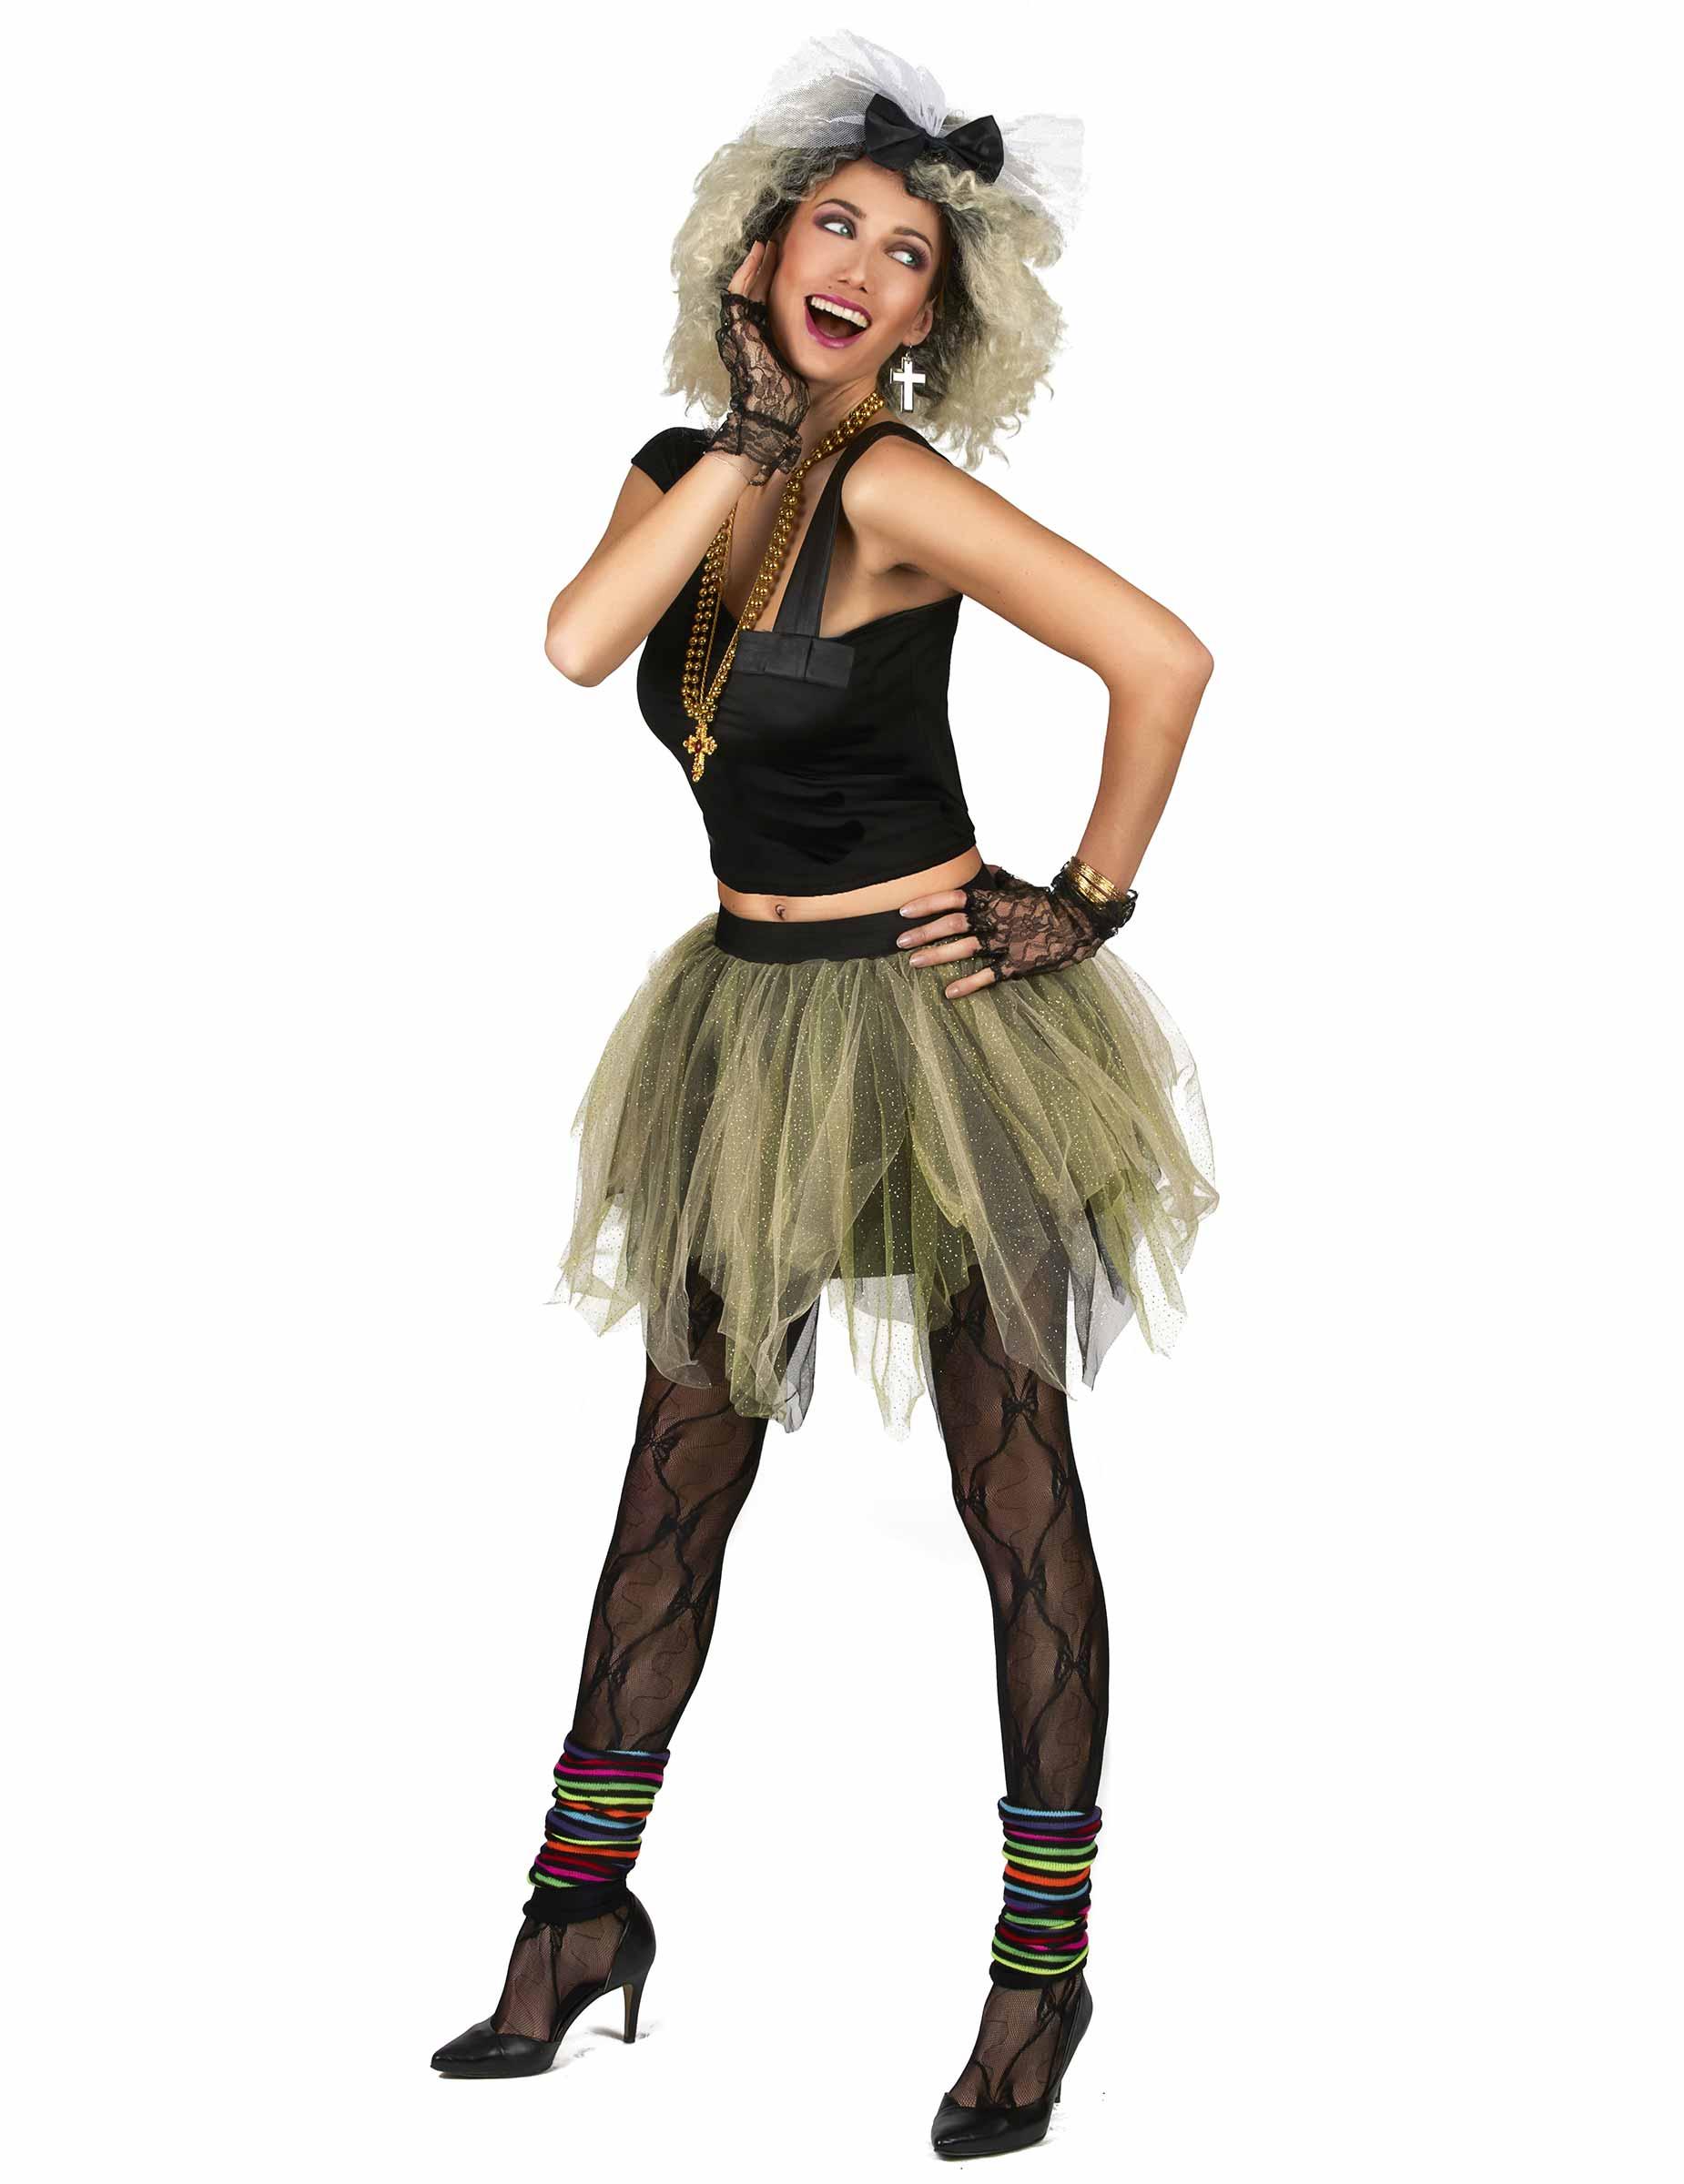 Costume disco rock tutu anni u0026#39;80 donna Costumi adultie vestiti di carnevale online - Vegaoo